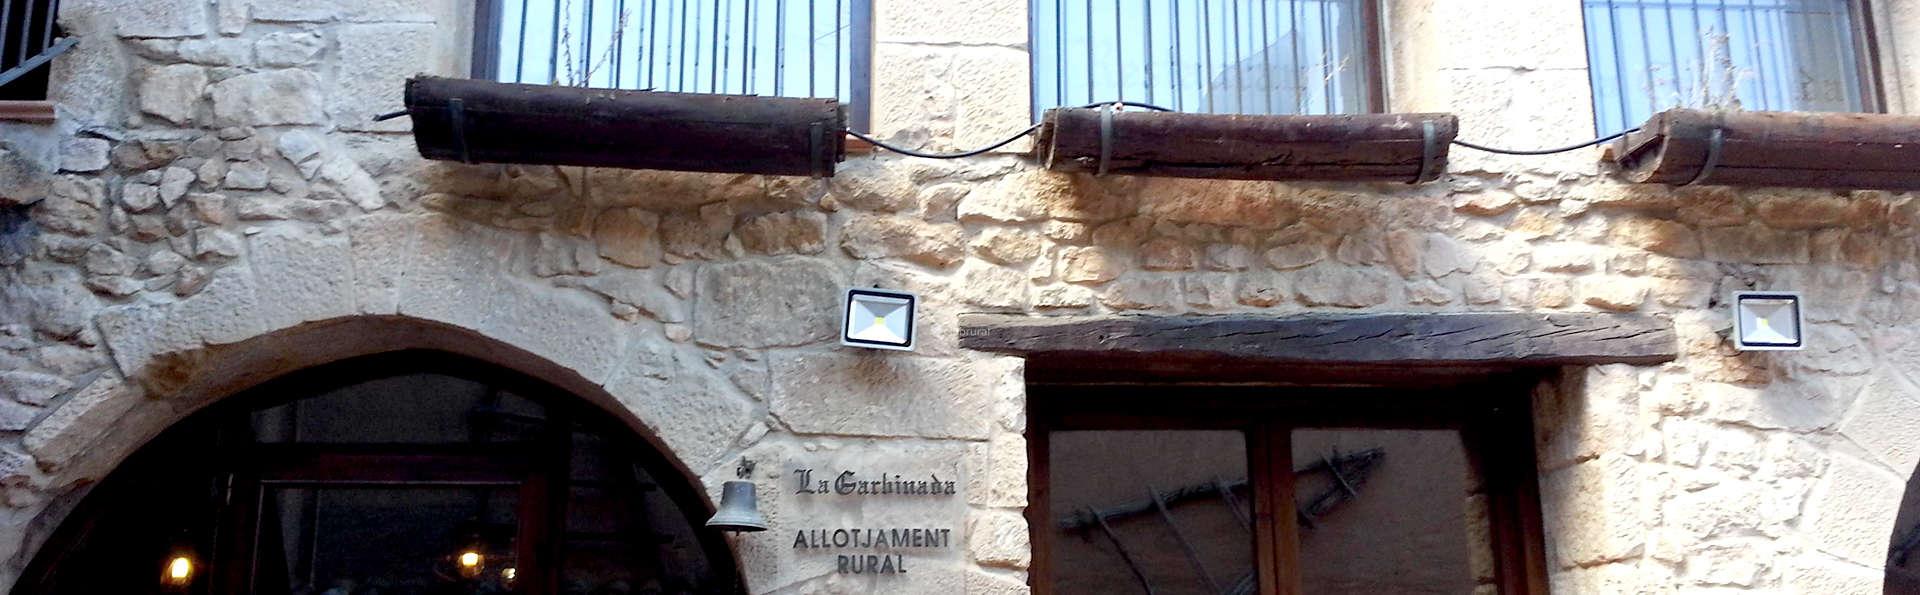 Hotel La Garbinada - Edit_Front2.jpg